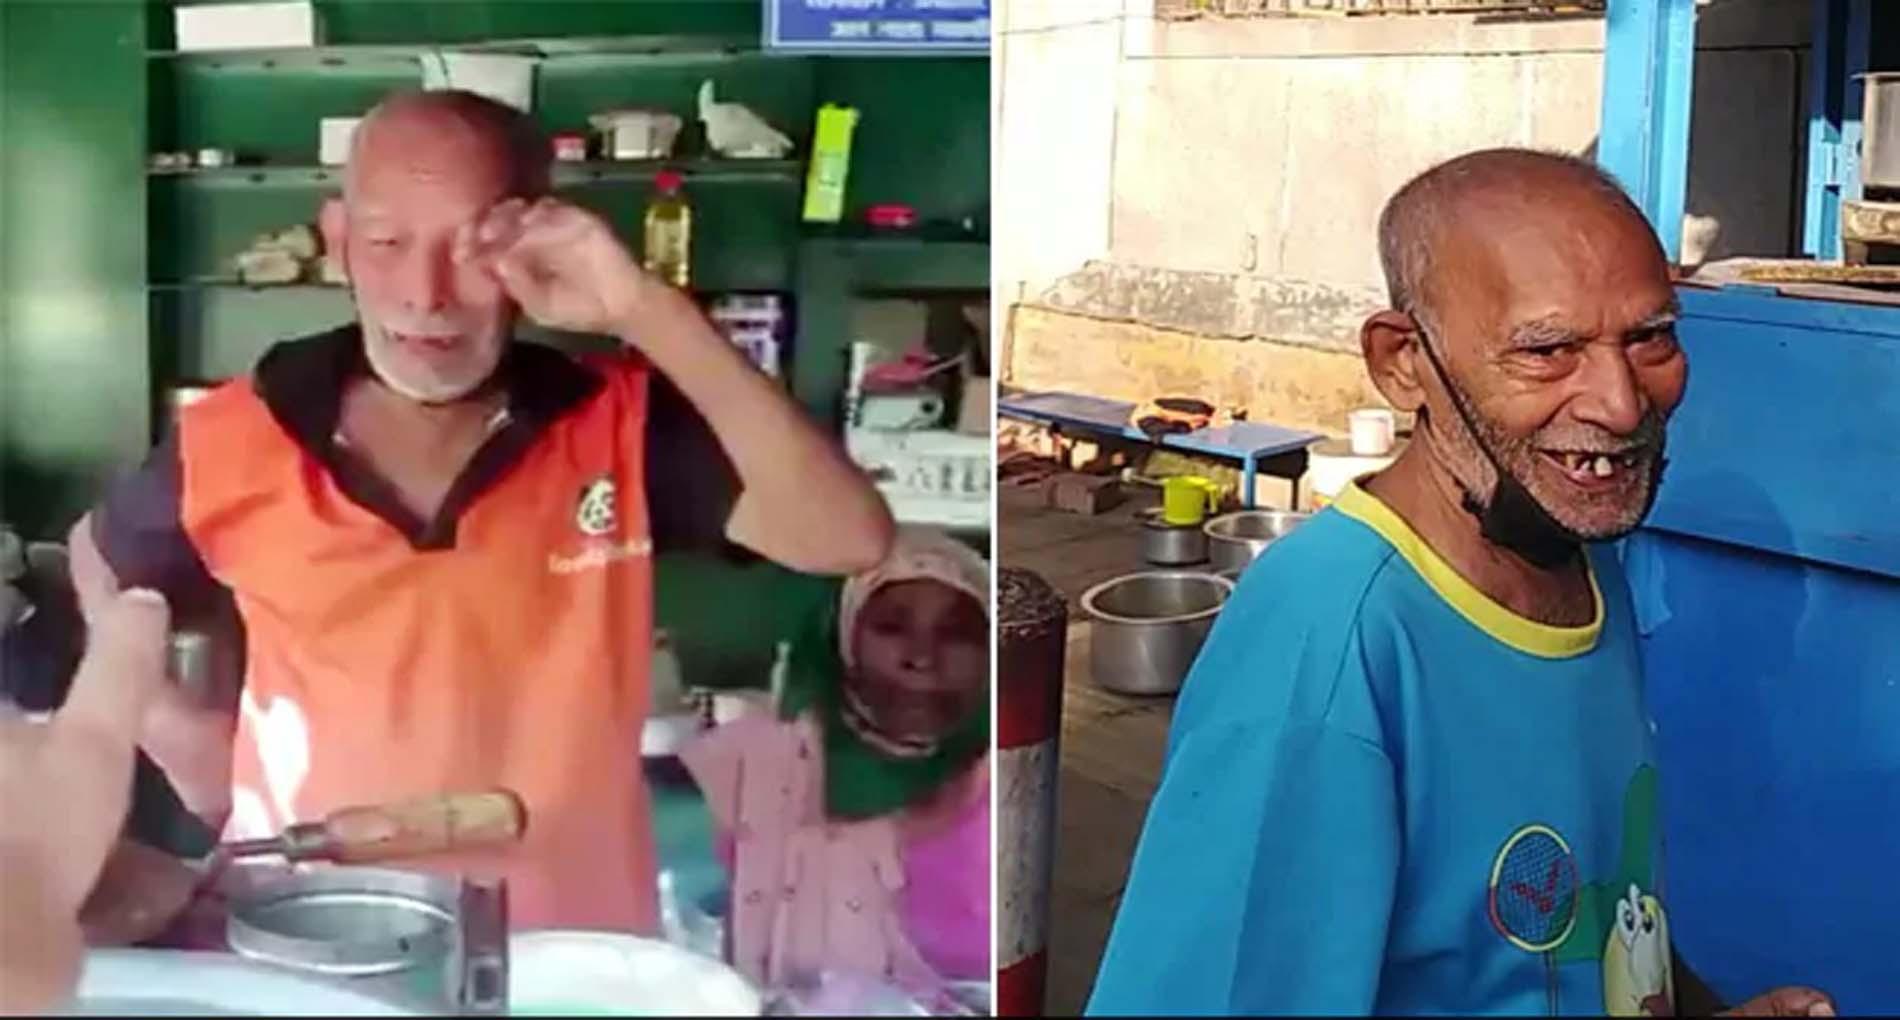 बाबा का ढाबा में खाना खाने के लिए लगी लंबी लाइन, भीड़ देख बुजुर्ग के चेहरे पर आई मुस्कान, Video